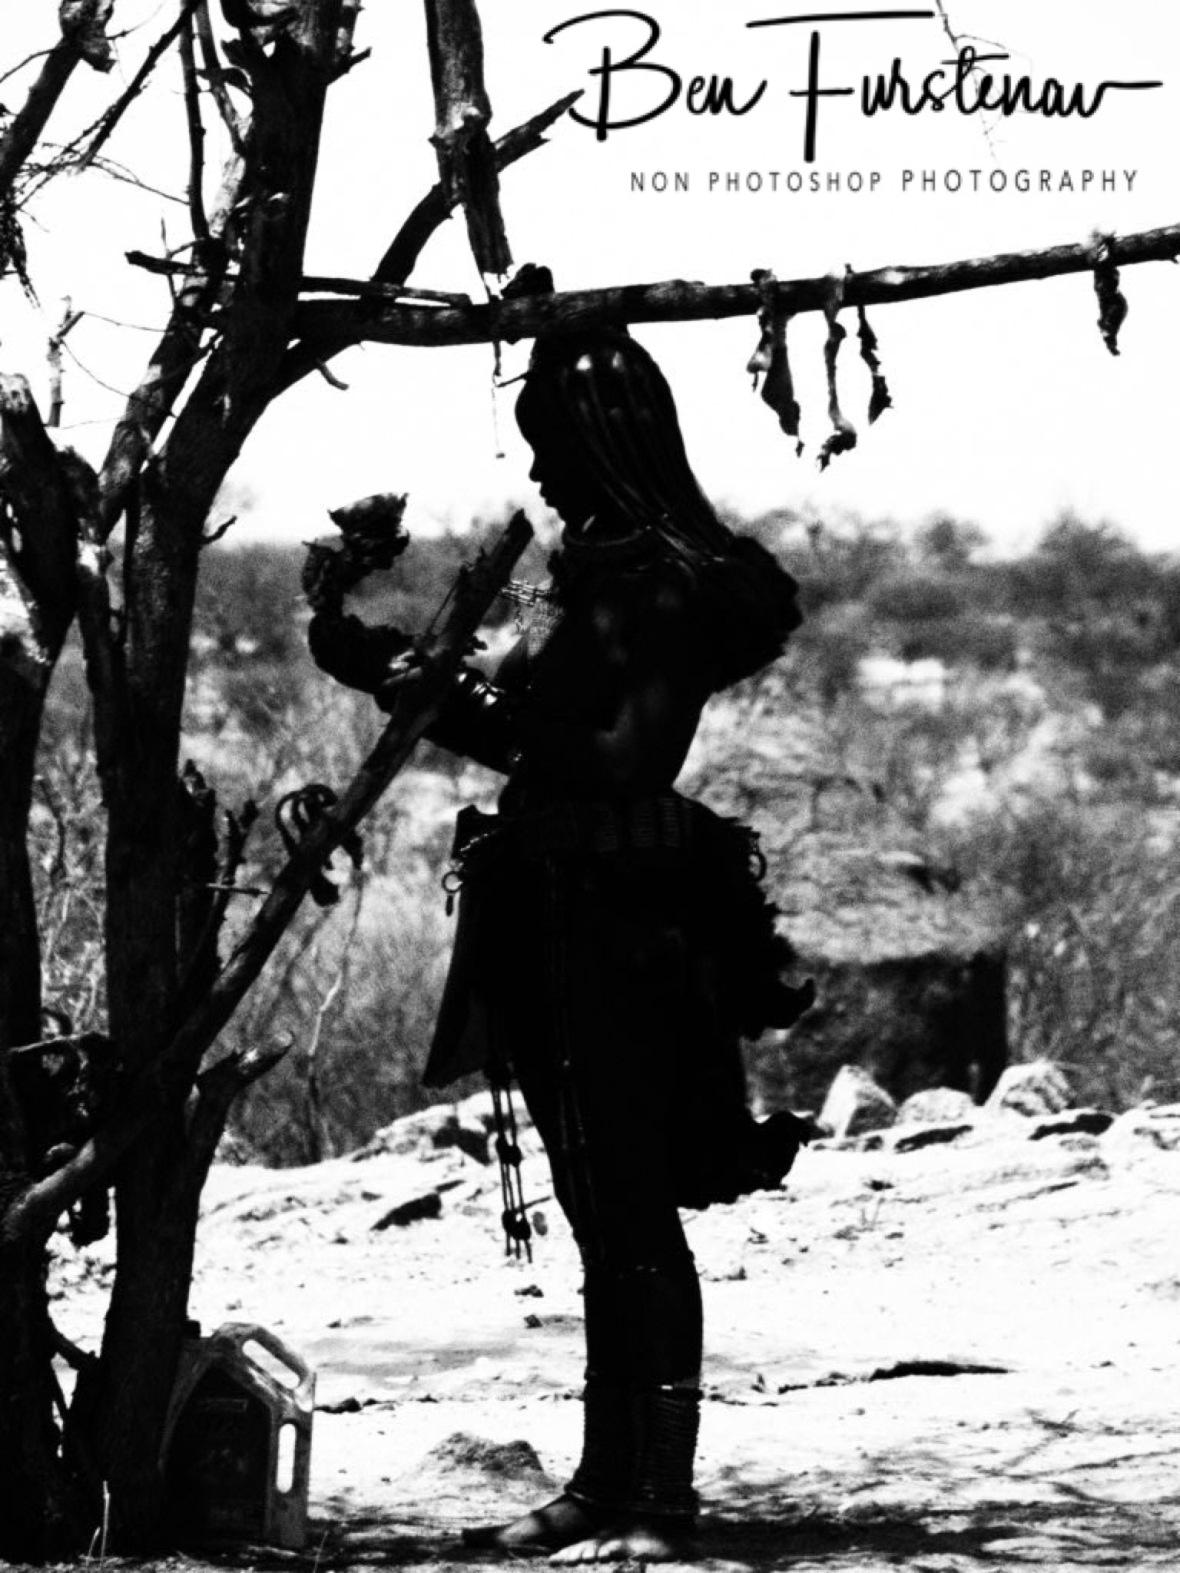 Leather tree, Omusaona Himba Village, Kamanjab, Namibia